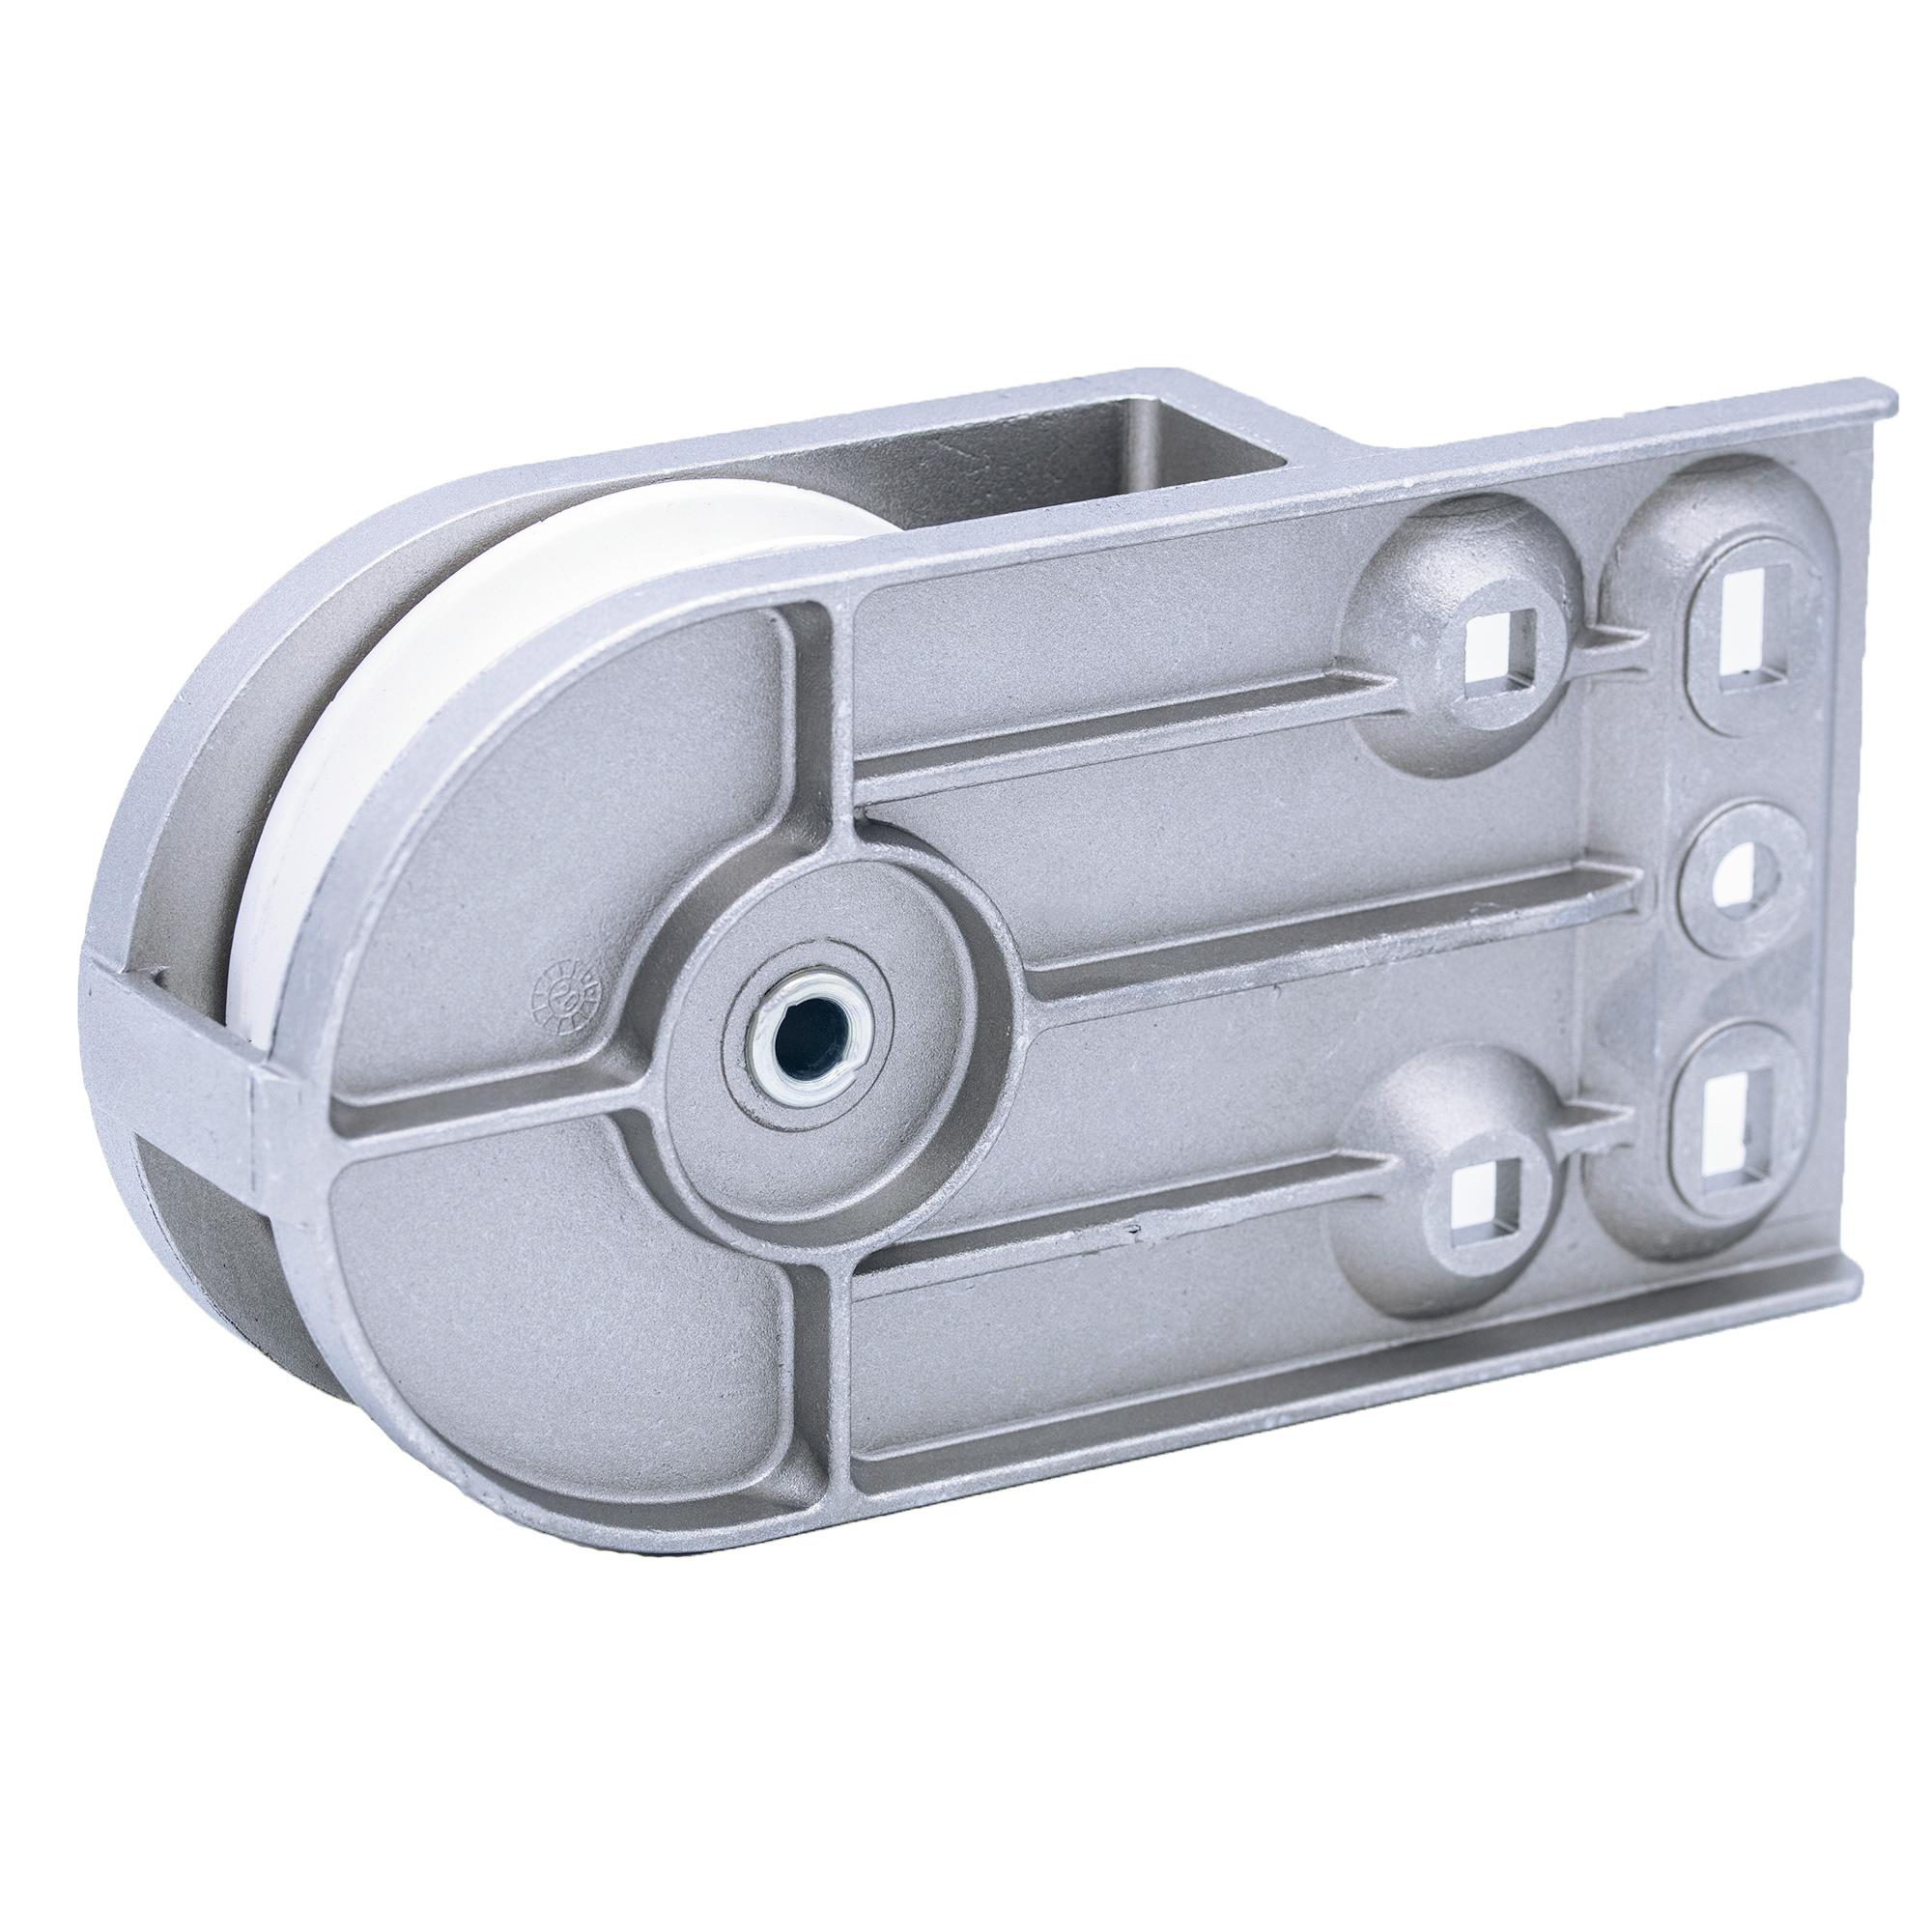 Hörmann *A* Handzuggehäuse für Industrie- Sektionaltore